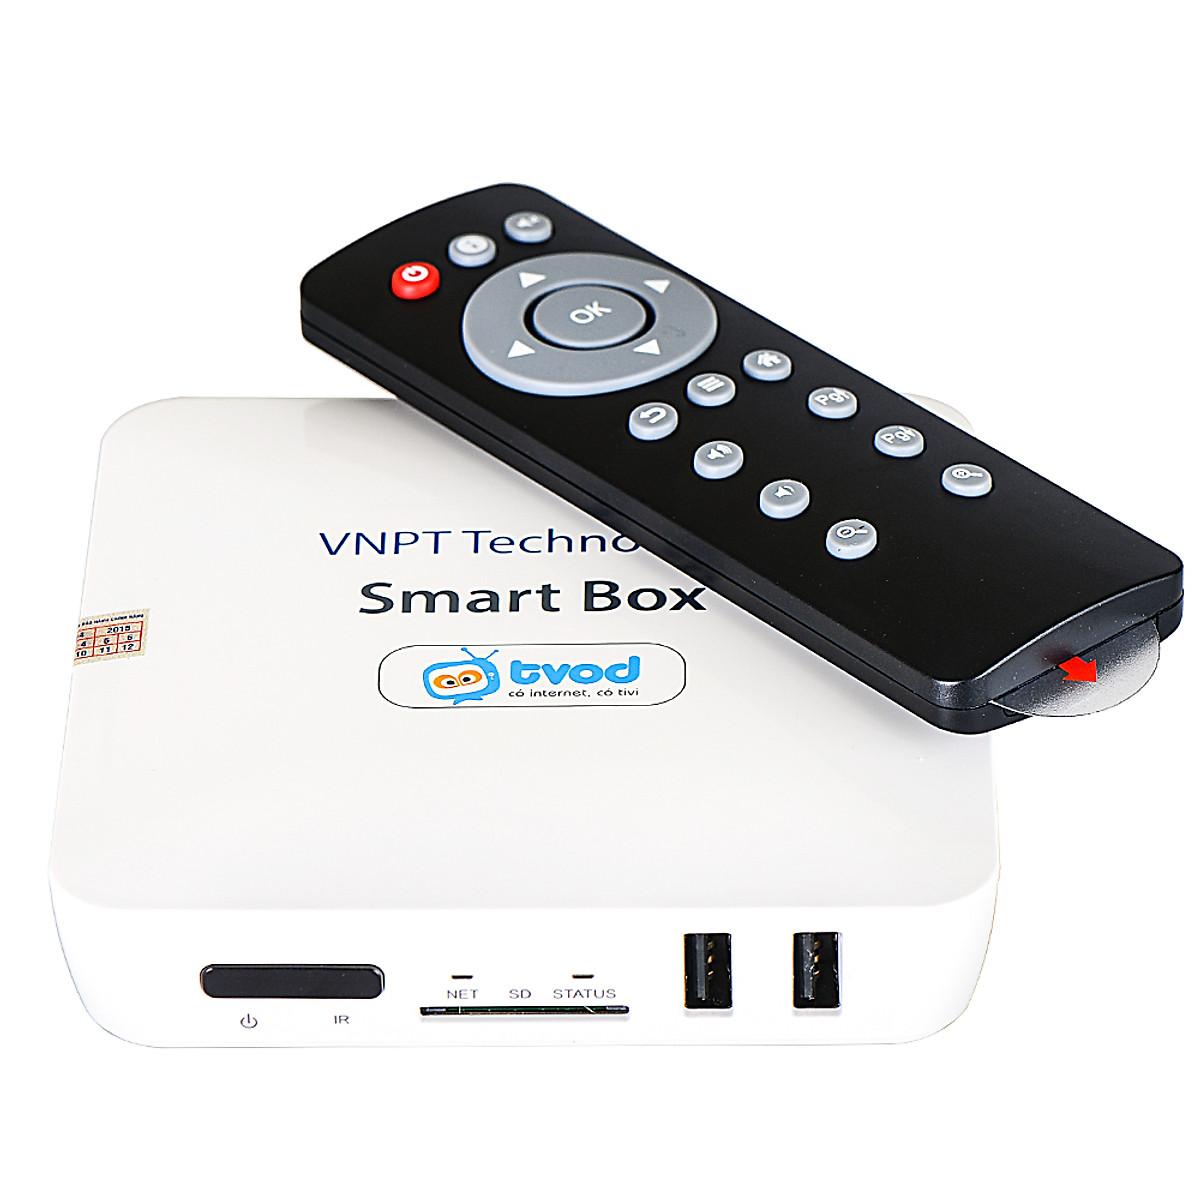 Smart Box VNPT cũng là một Android TV Box rất được ưa chuộng